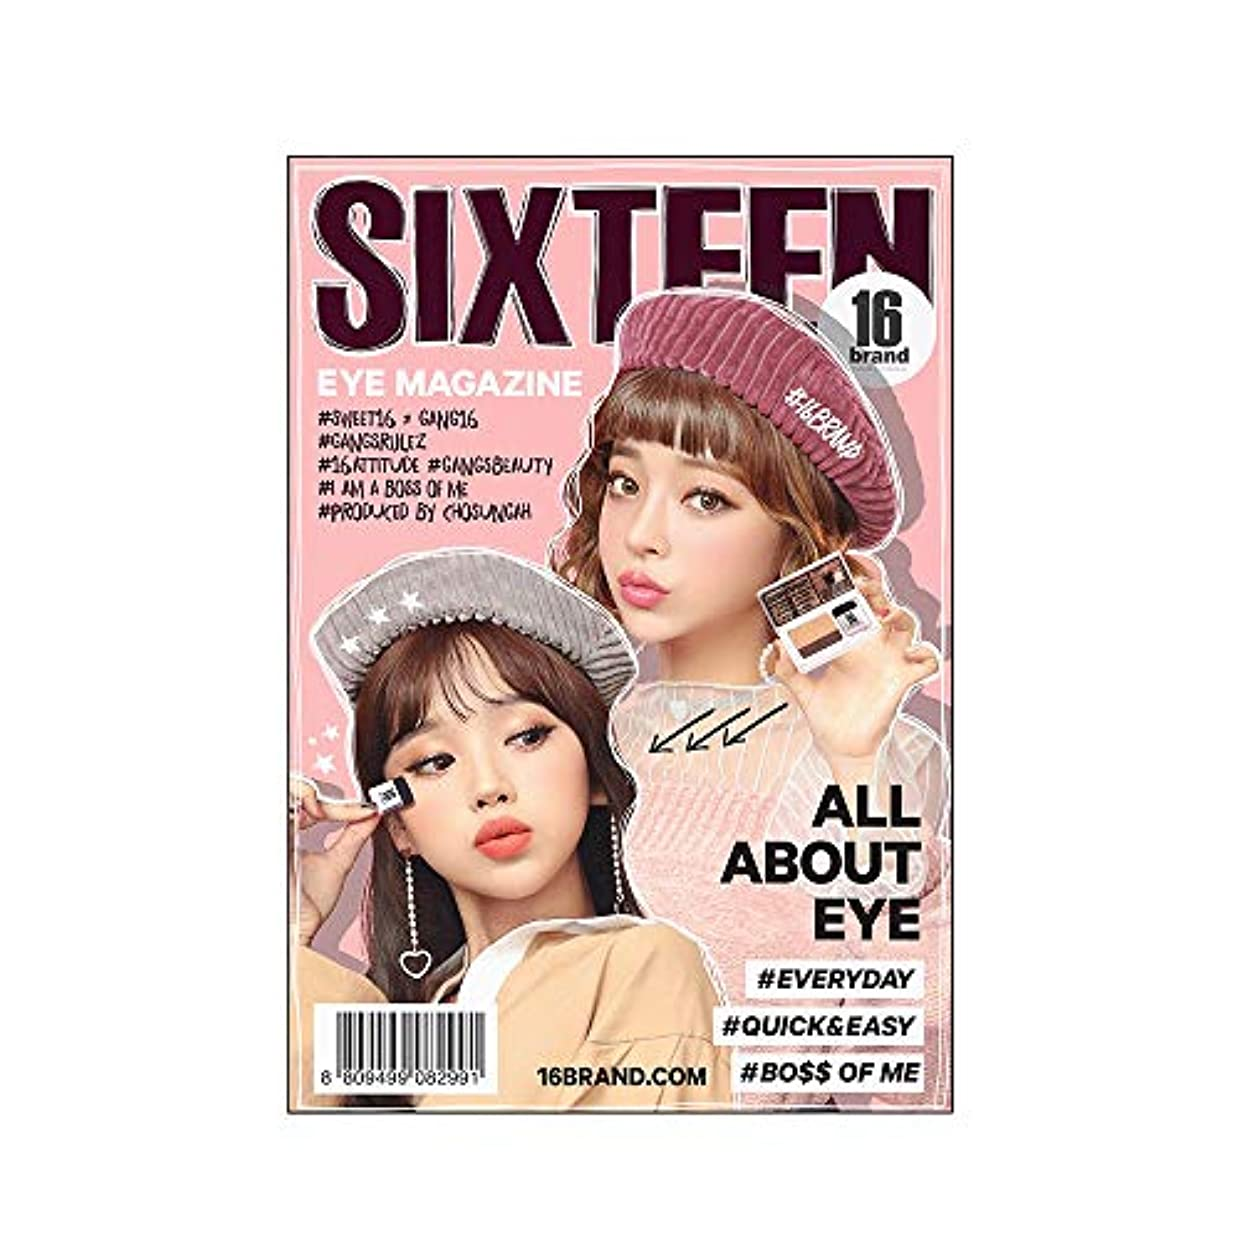 アラブ癒す理想的には16brand 16 Eye Magazine 2g /16ブランド 16 アイマガジン 2g [国内正規品](エブリディ)